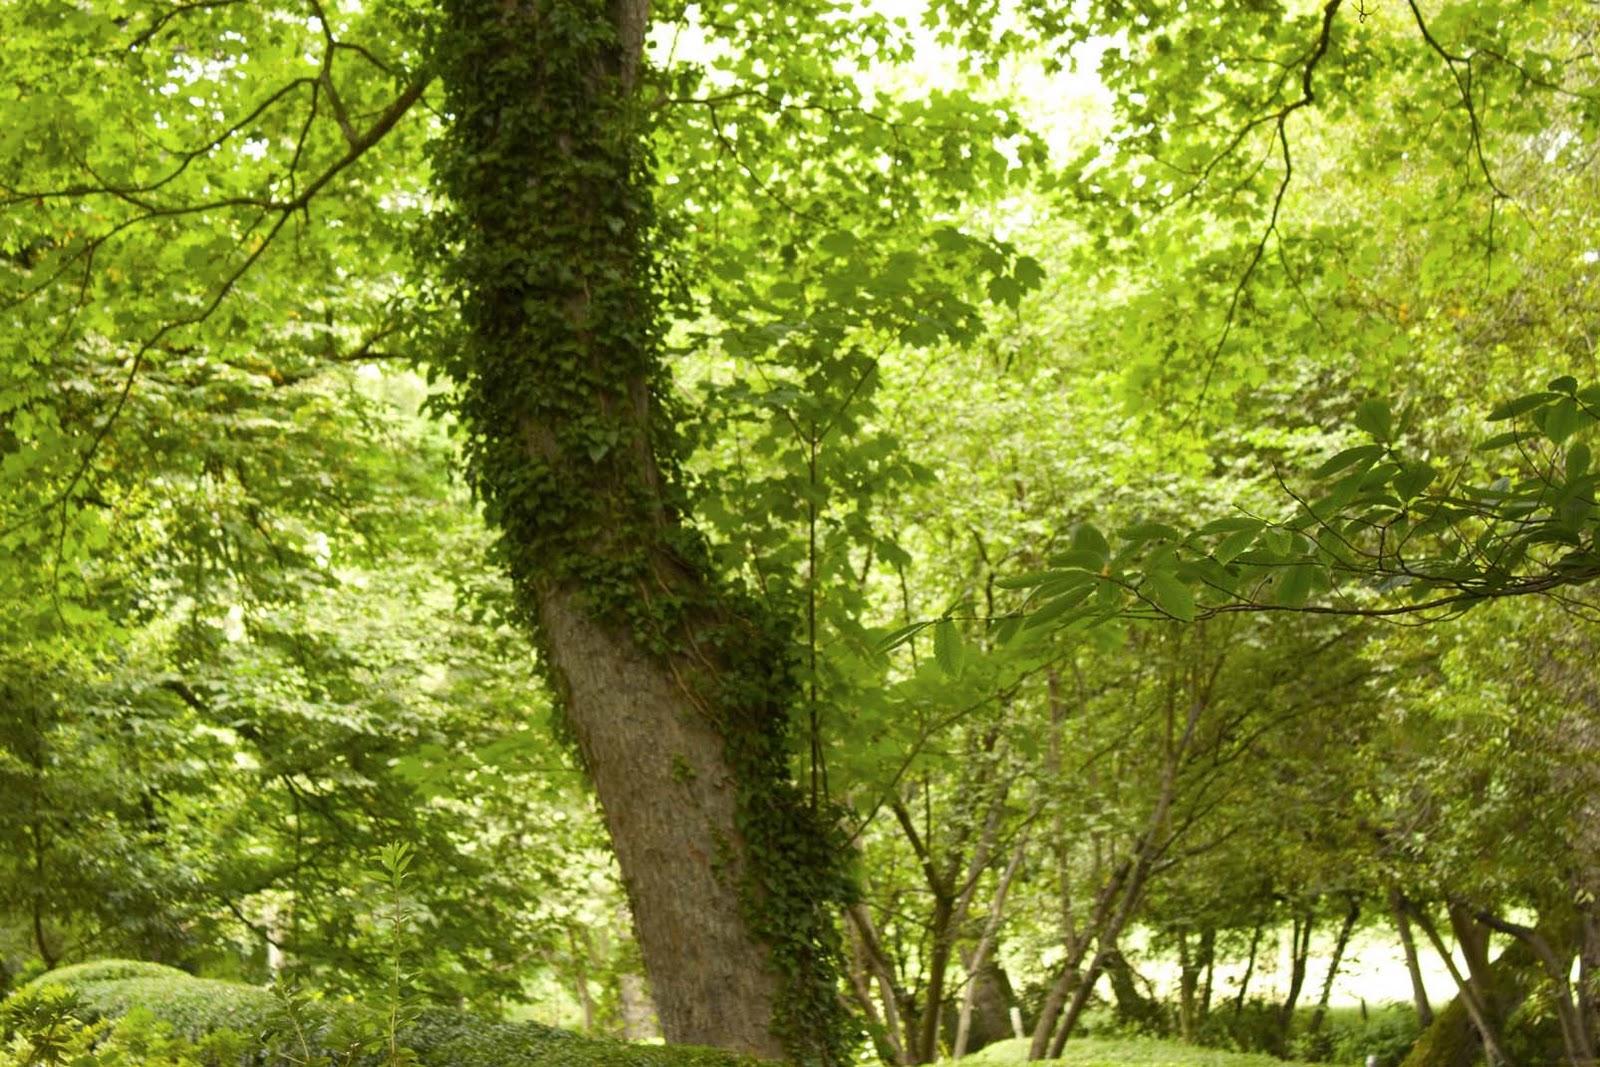 Alicia asuncion jard n botanico de gij n 2 for Jardin urbano gijon